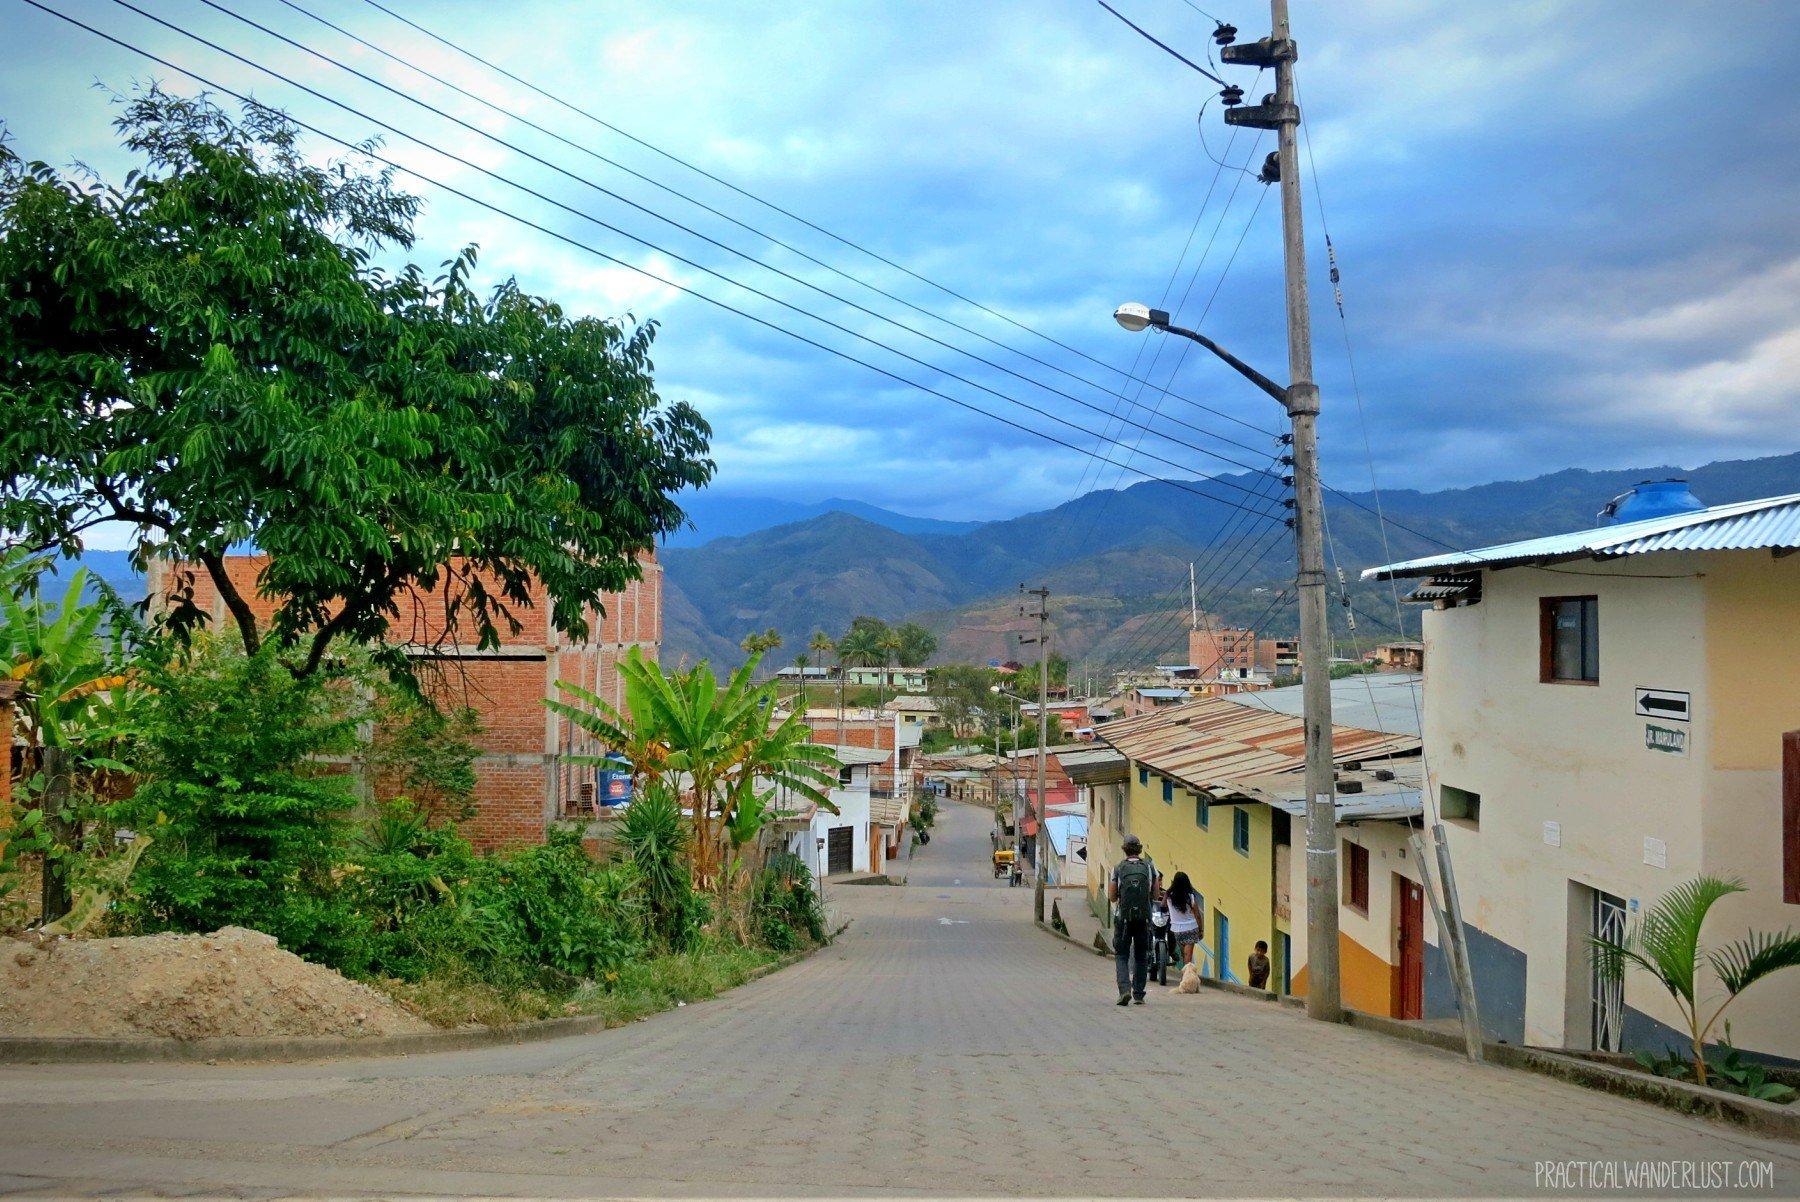 San Ignacio, Peru, part of the La Balsa Border Crossing from Ecuador.